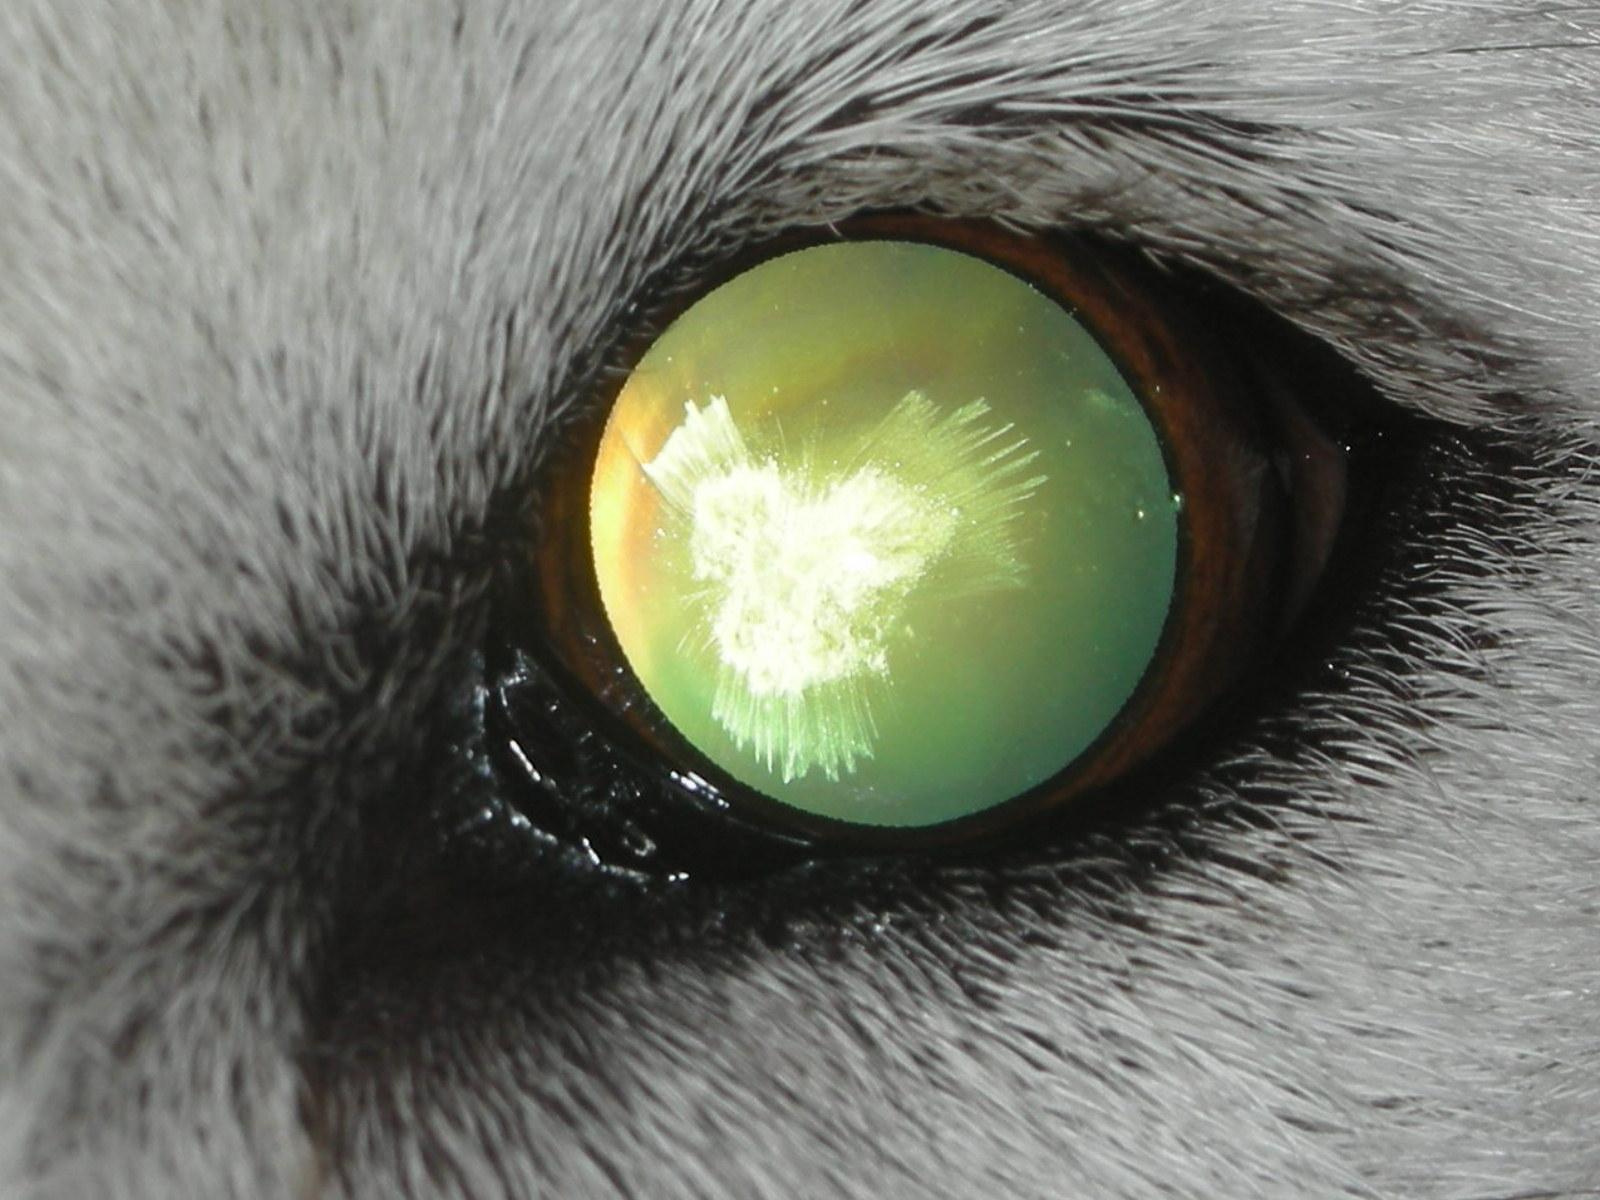 Cataract - suturial